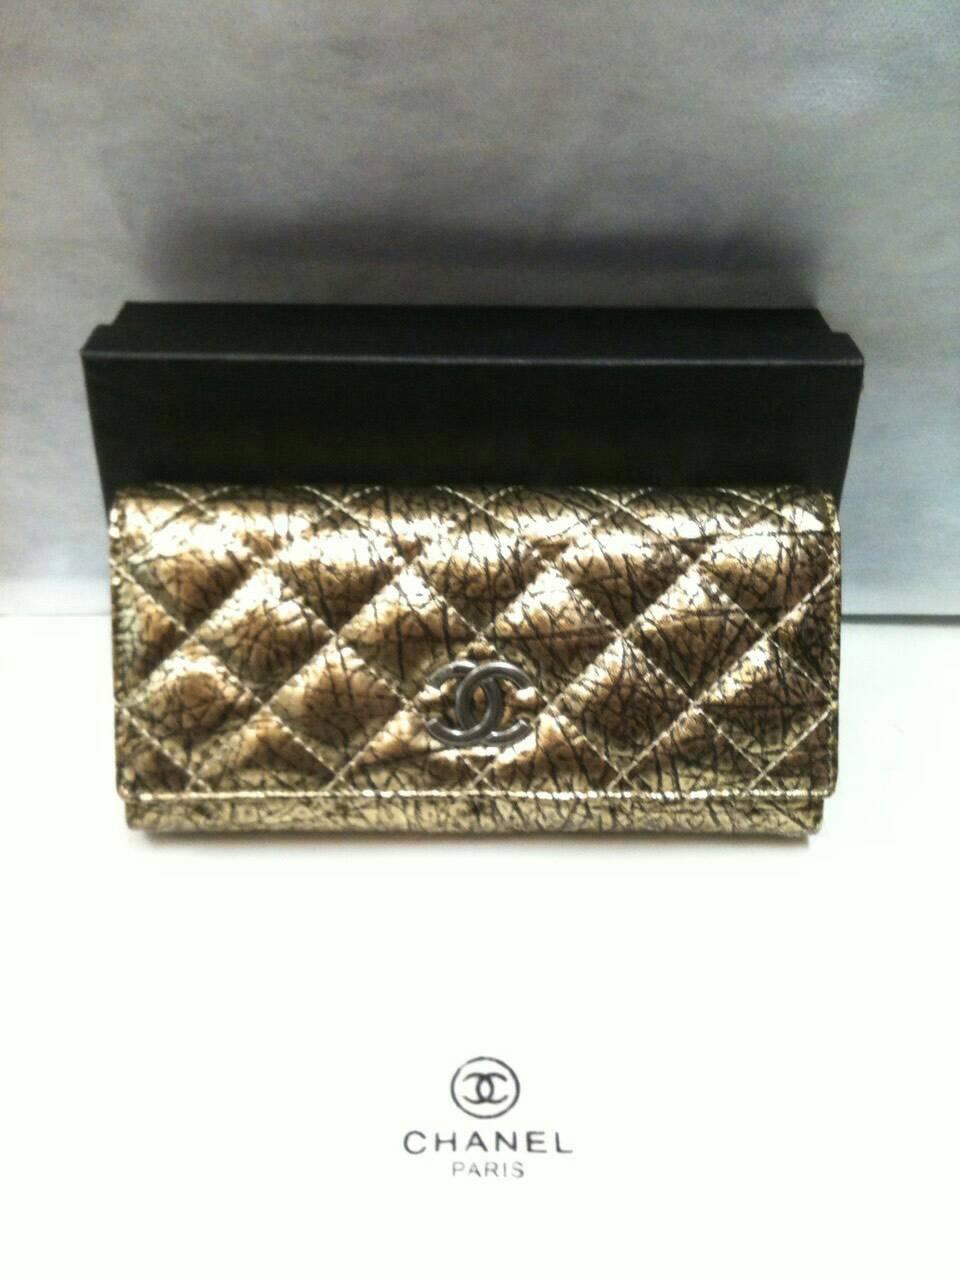 กระเป๋าสตางค์chanel หนังแท้ทั้งใบreal Leather มาพร้อม กล่อง ปั๊มแบรนด์chanel วัสดุหนังแท้real Leather 100%